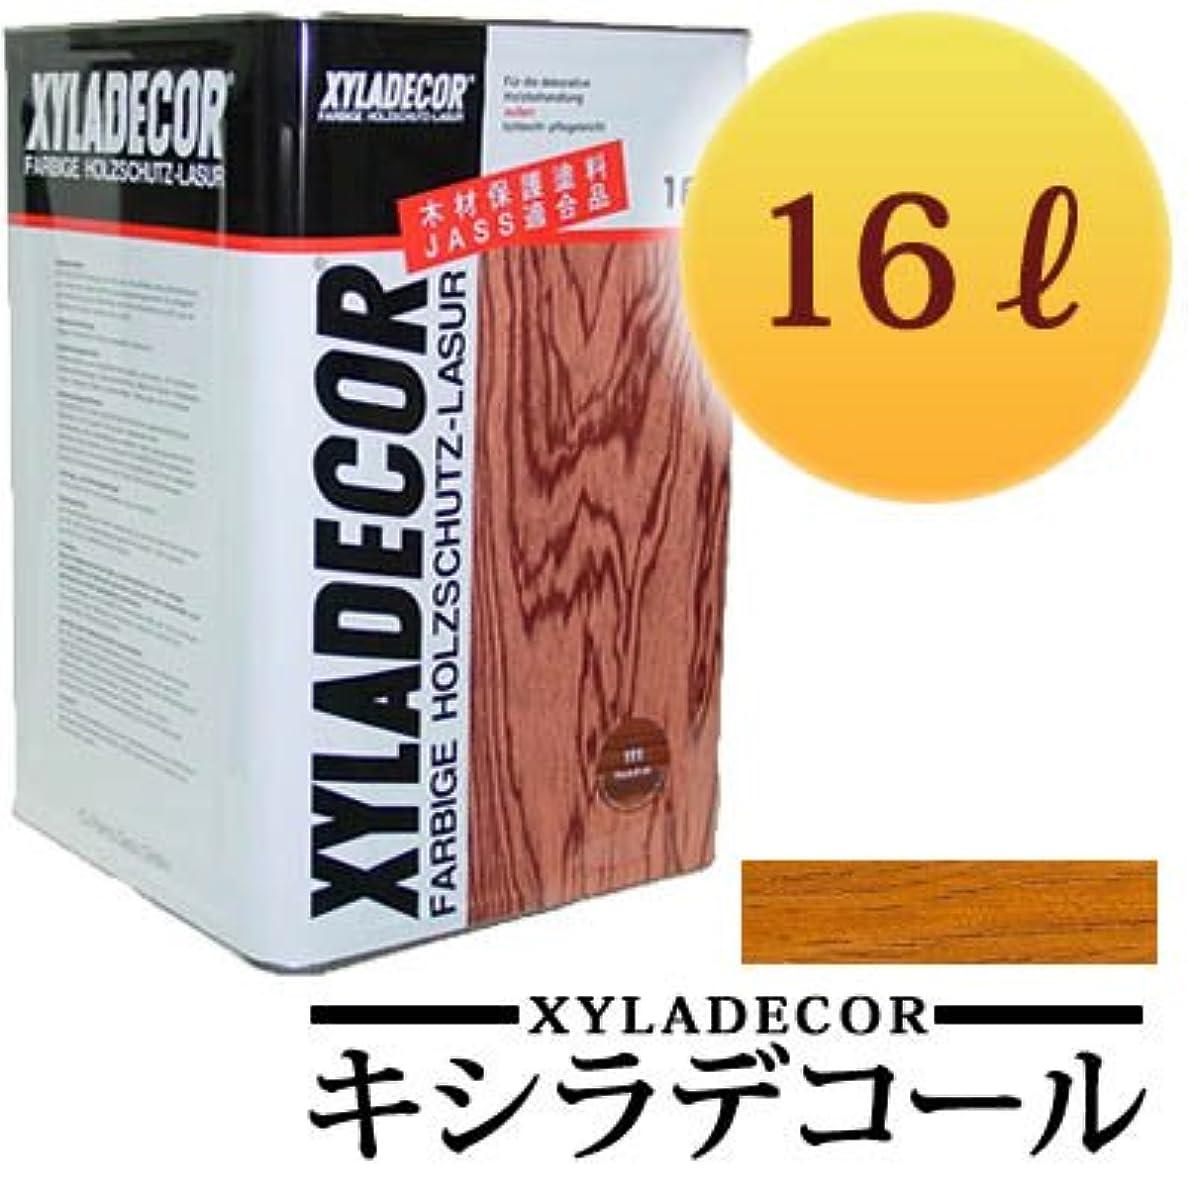 メイトジム着替えるキシラデコール #102ピニー [16L] XYLADECOR 日本エンバイロケミカルズ 屋外木部 ログハウス ウッドデッキ [木材保護塗料]